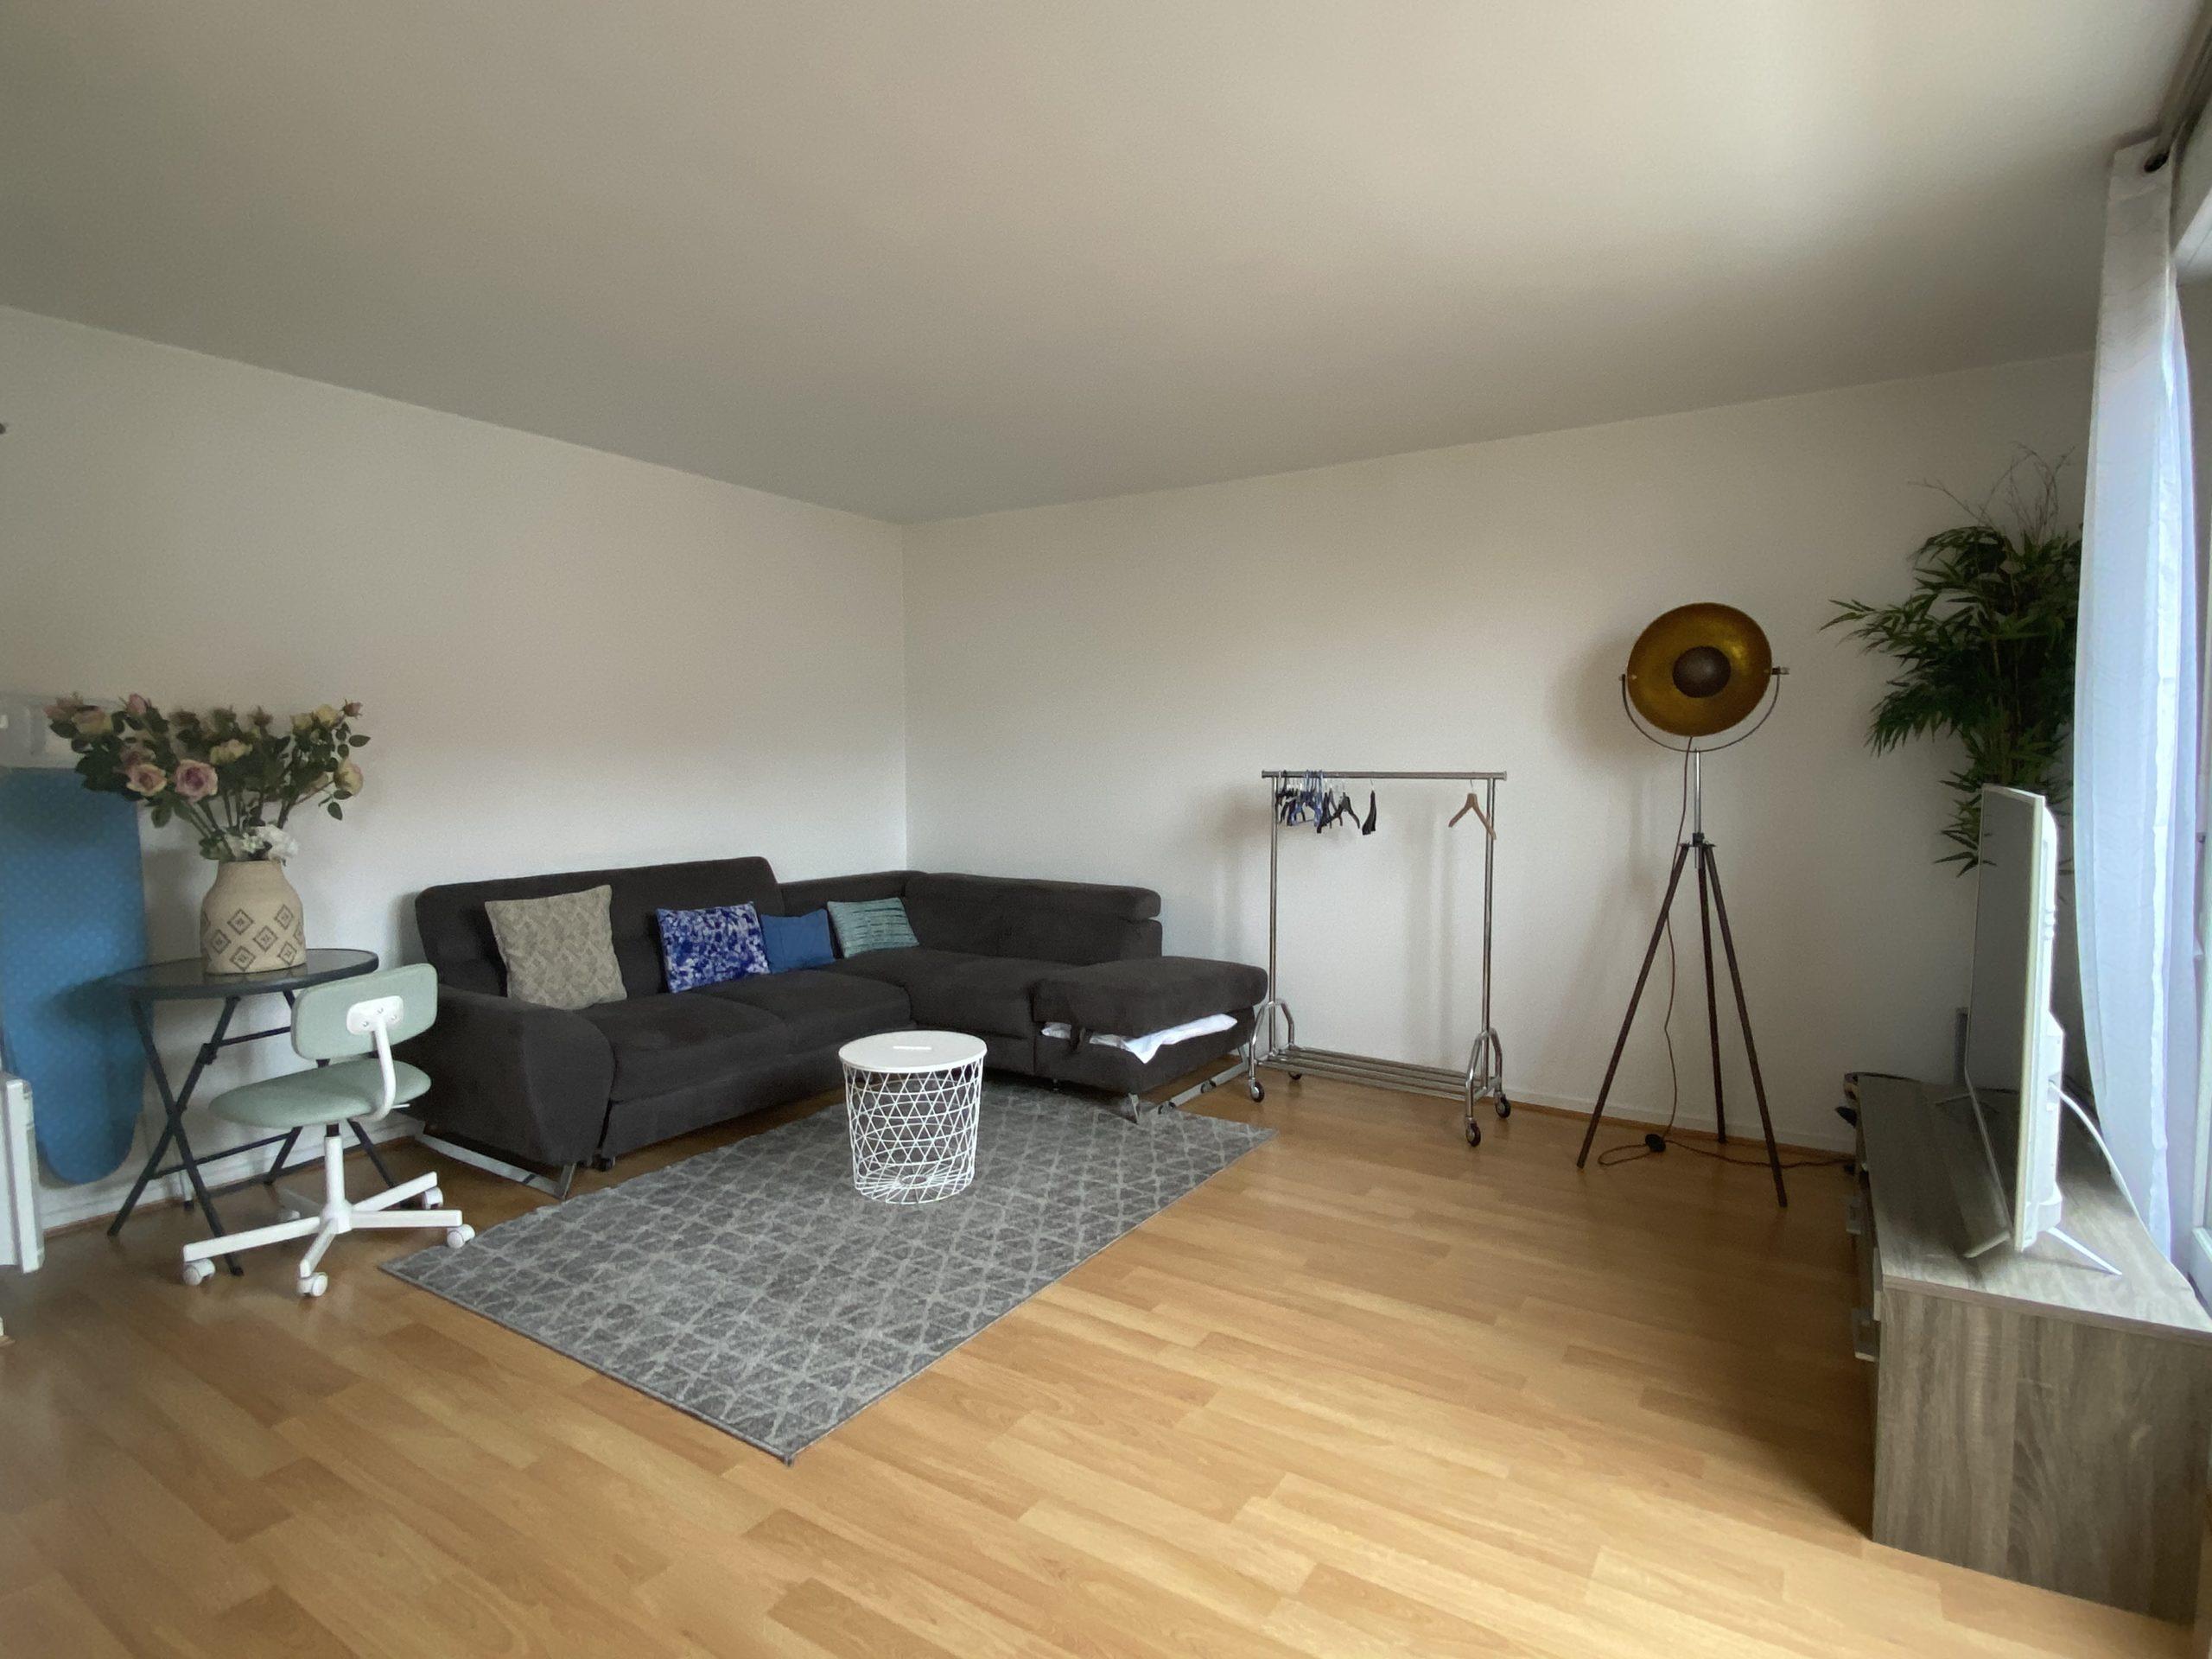 Appartement 3 pièces meublé Saint-Denis